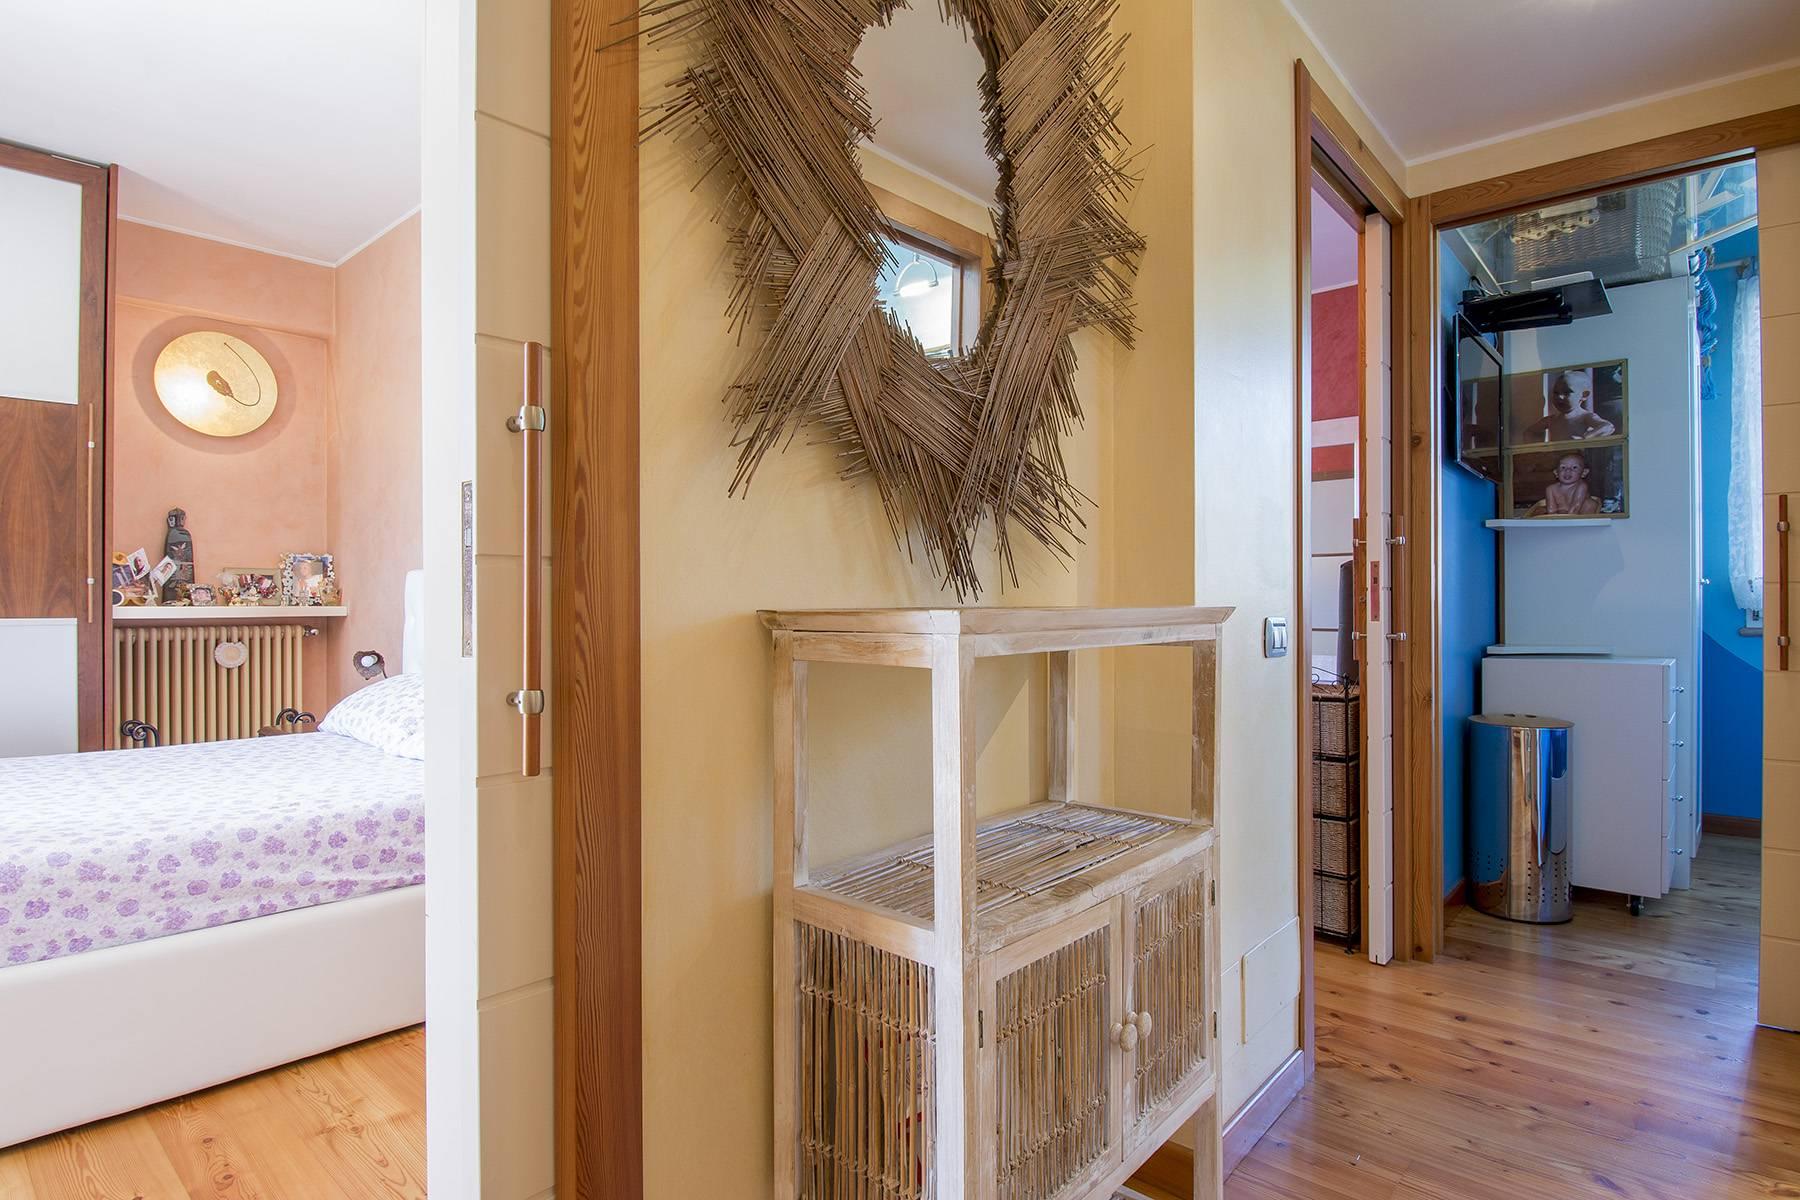 Casa indipendente in Vendita a Pietrasanta: 5 locali, 180 mq - Foto 16